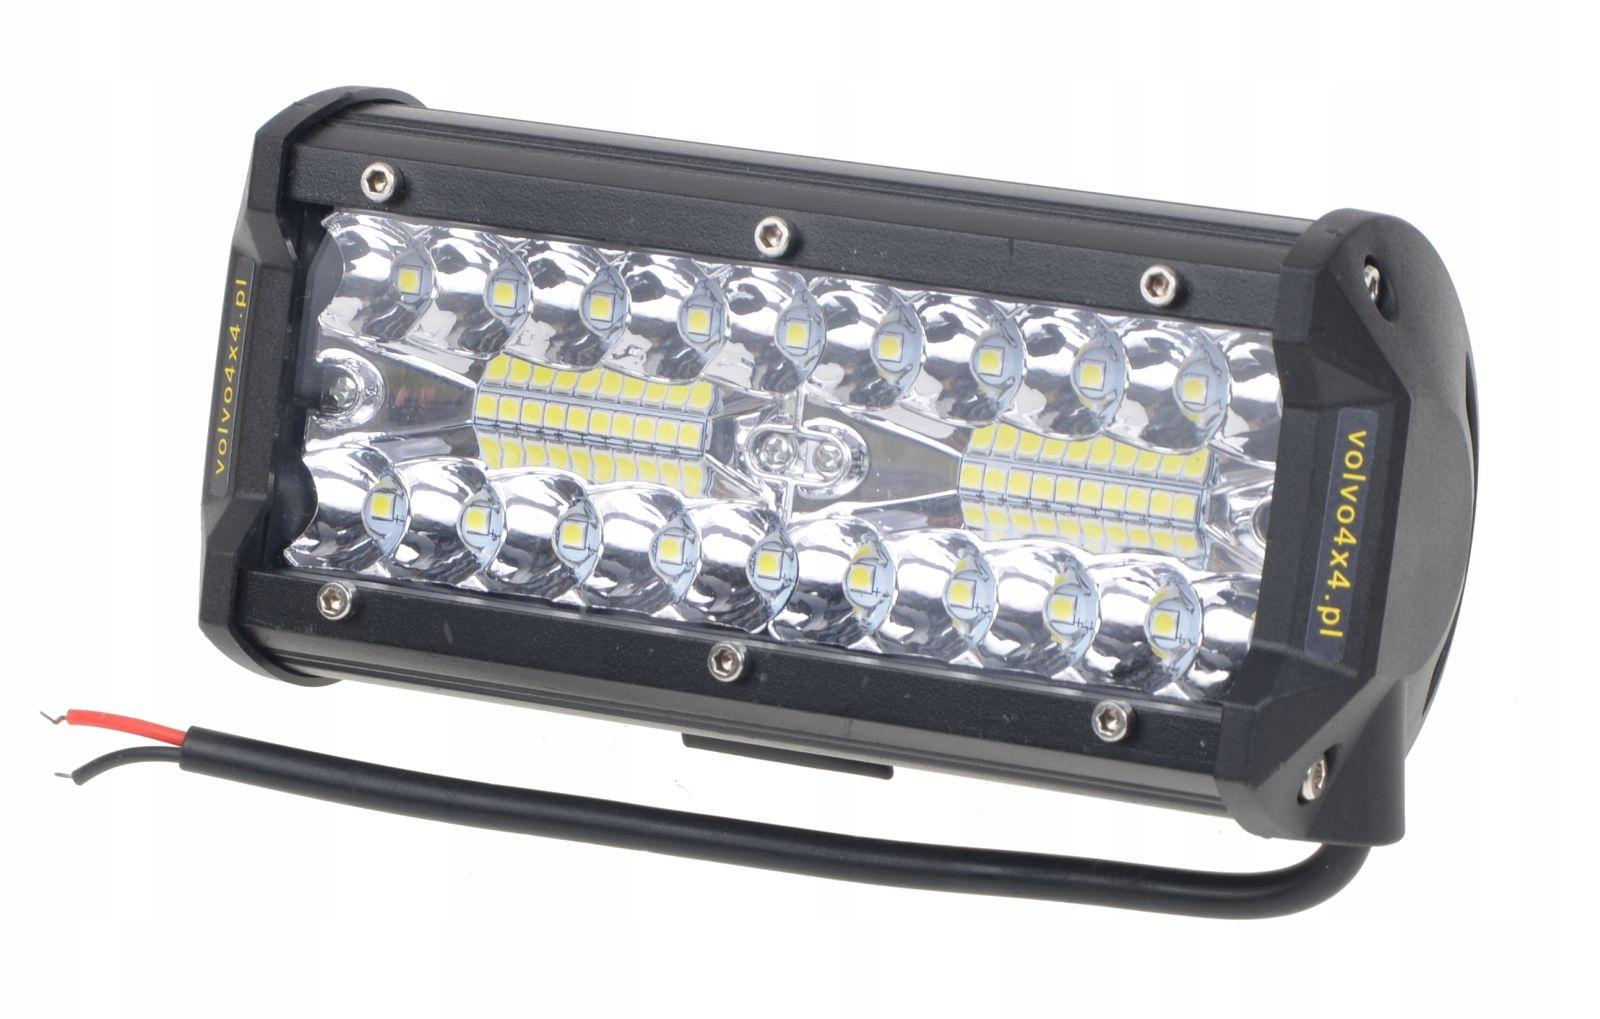 лампа панель комбо mix led бар тип 120w 4x4 12v 24v